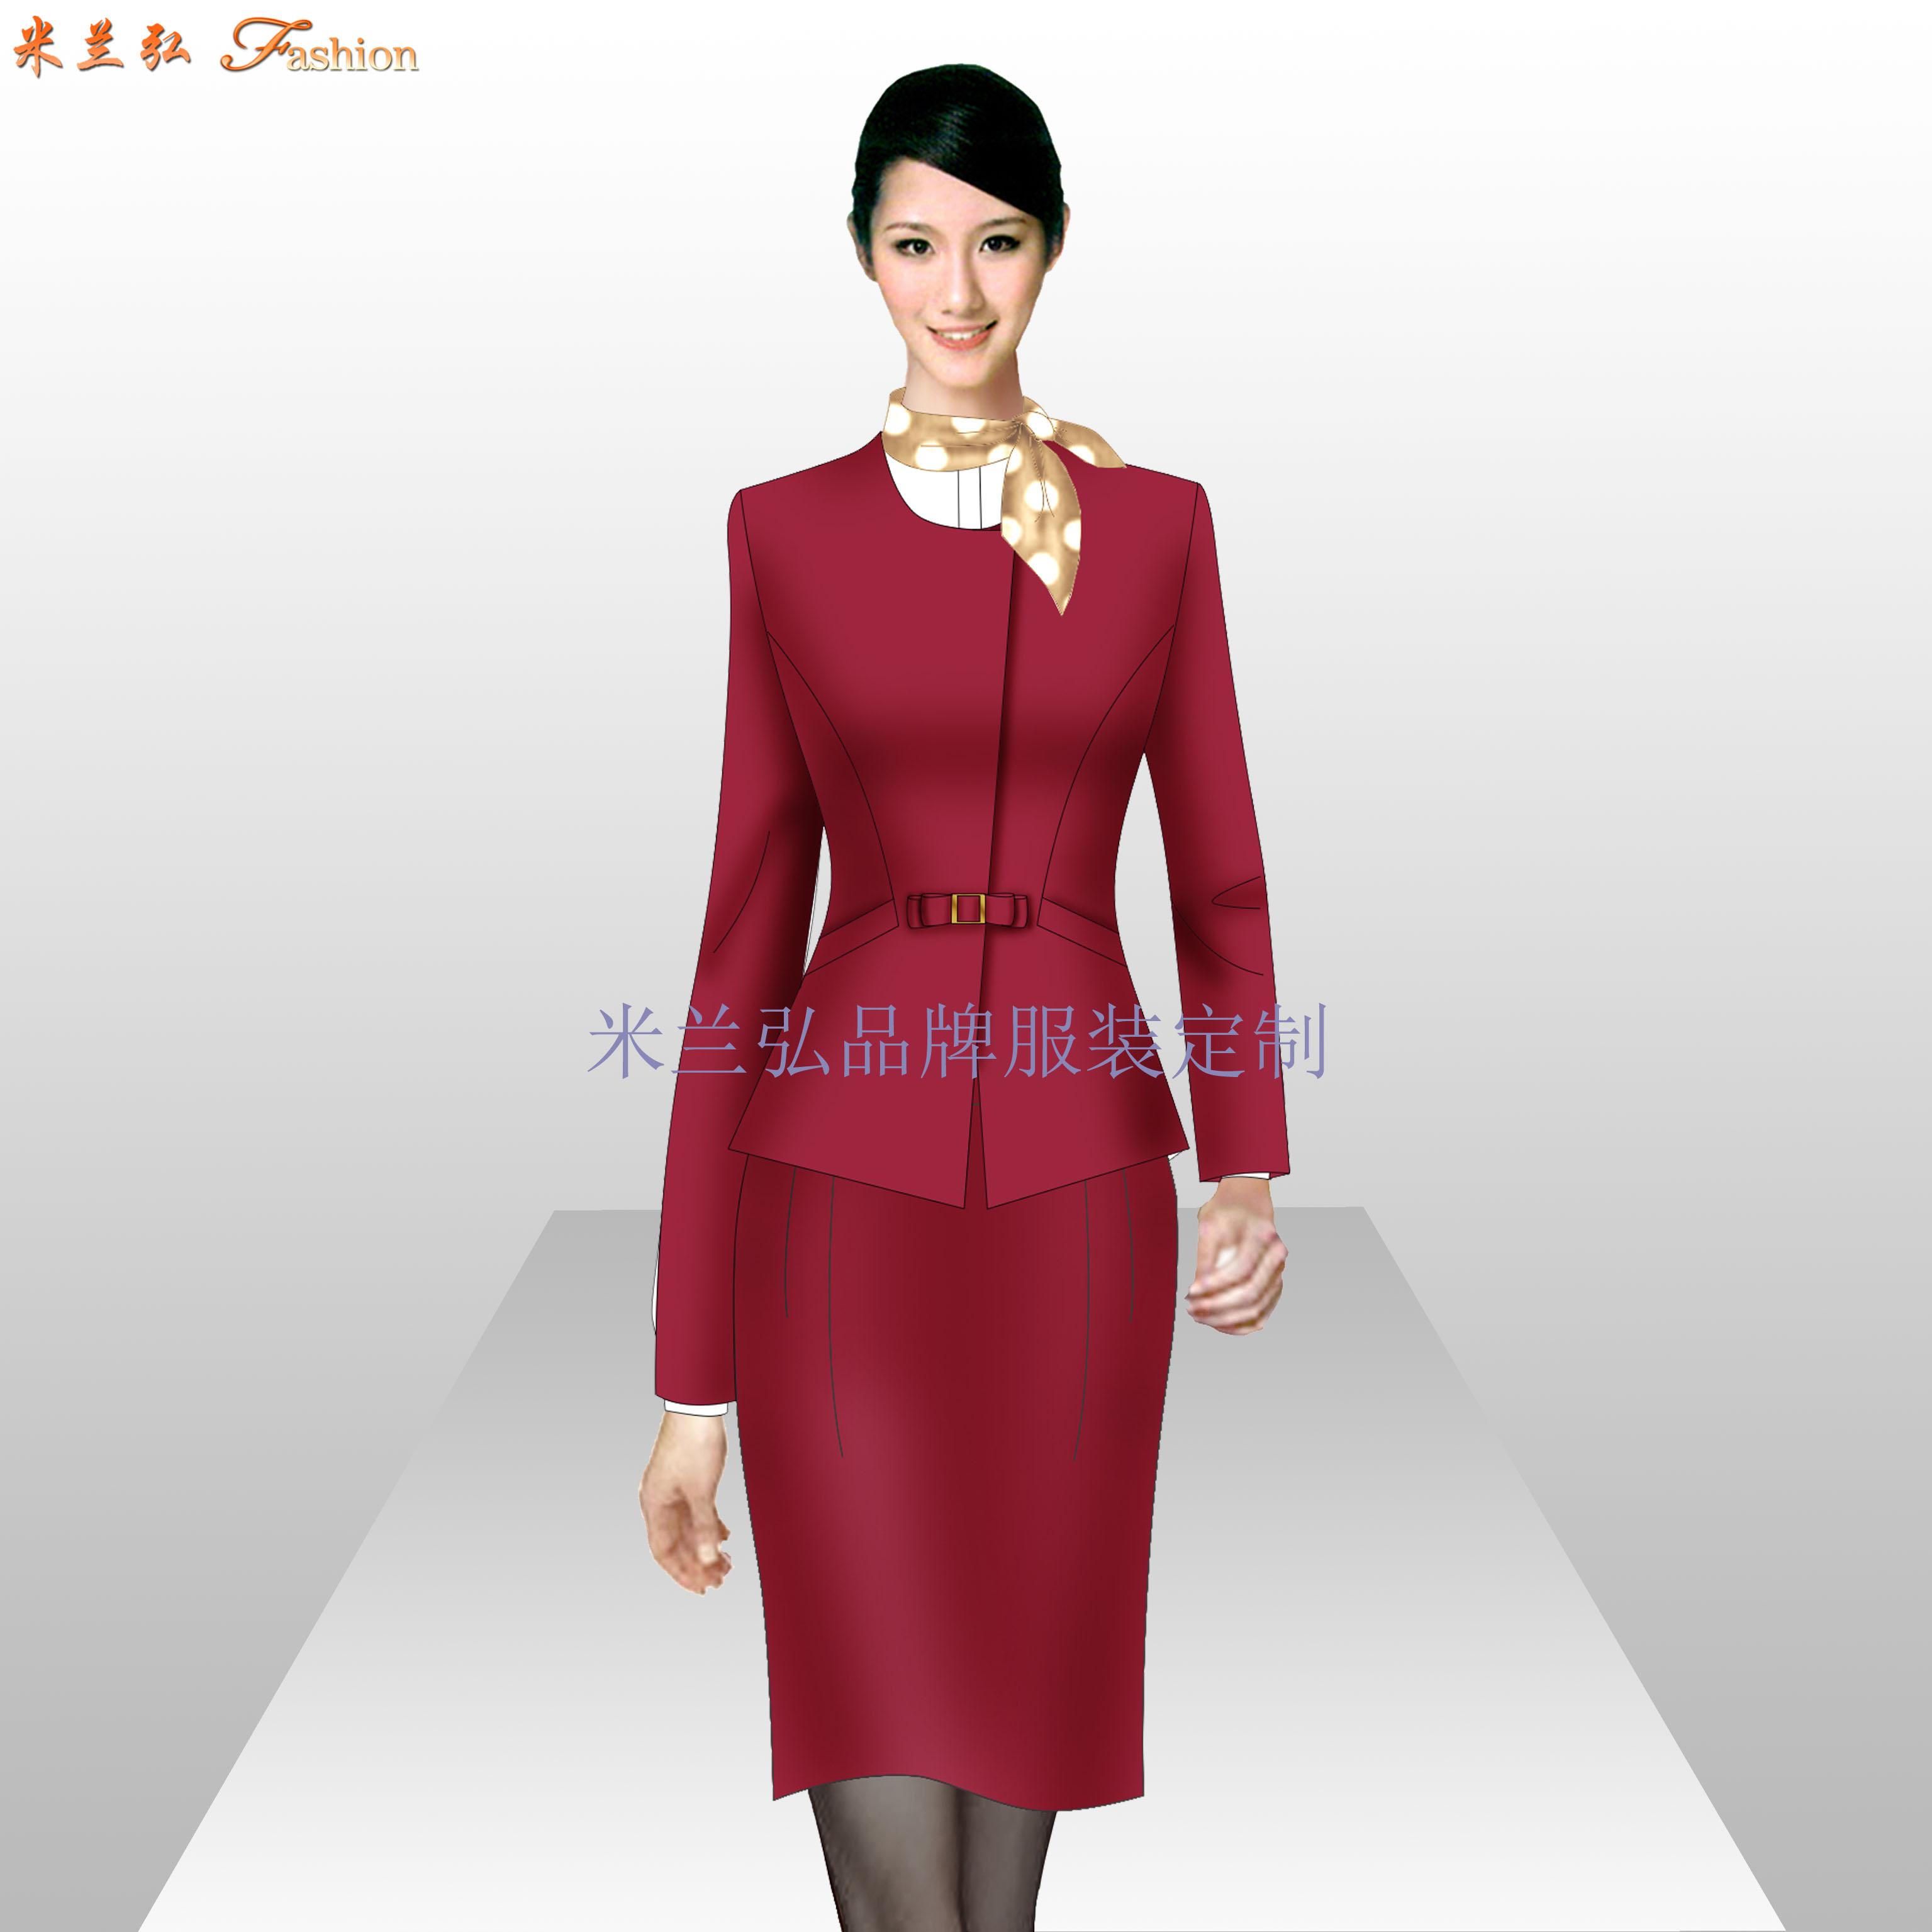 銀行服裝定做_金融機構正裝量身定制-米蘭弘服裝廠家-1